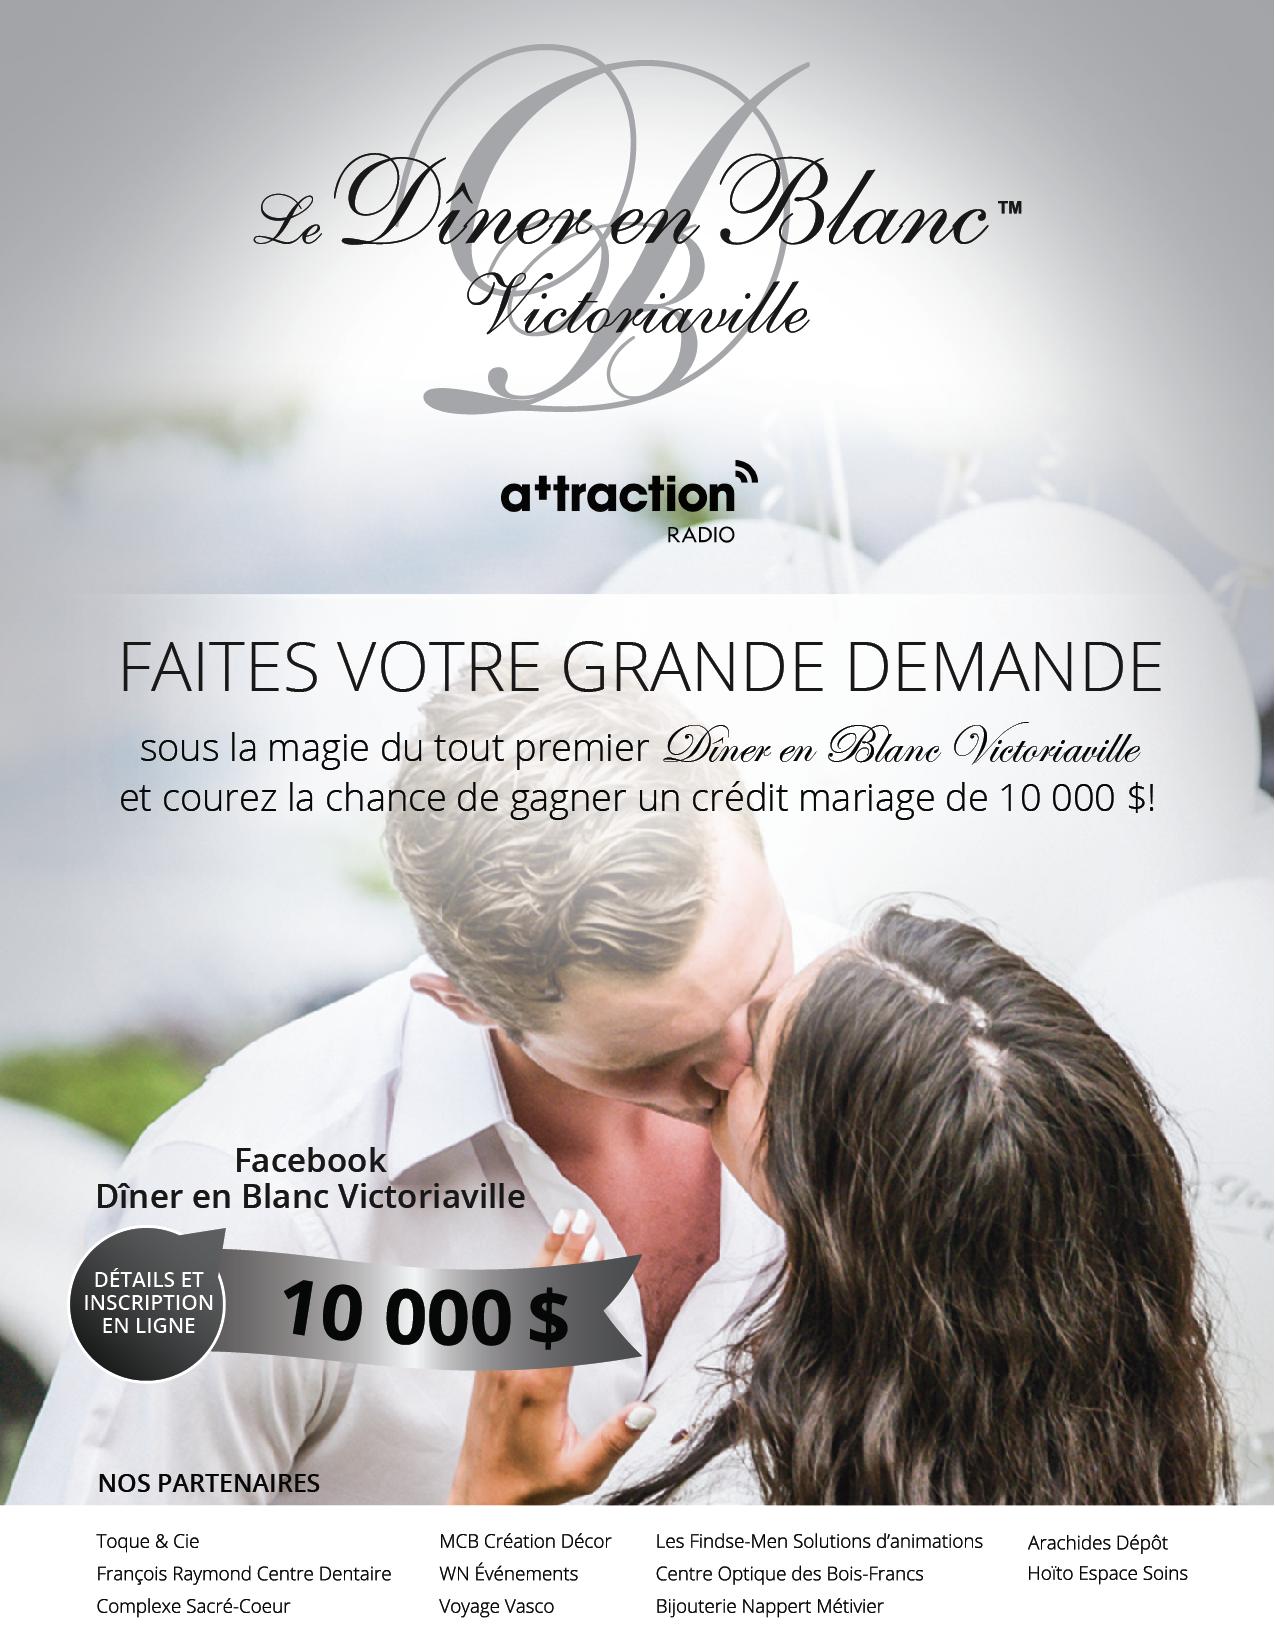 Diner En Blanc Victoriaville Concours Attraction Radio